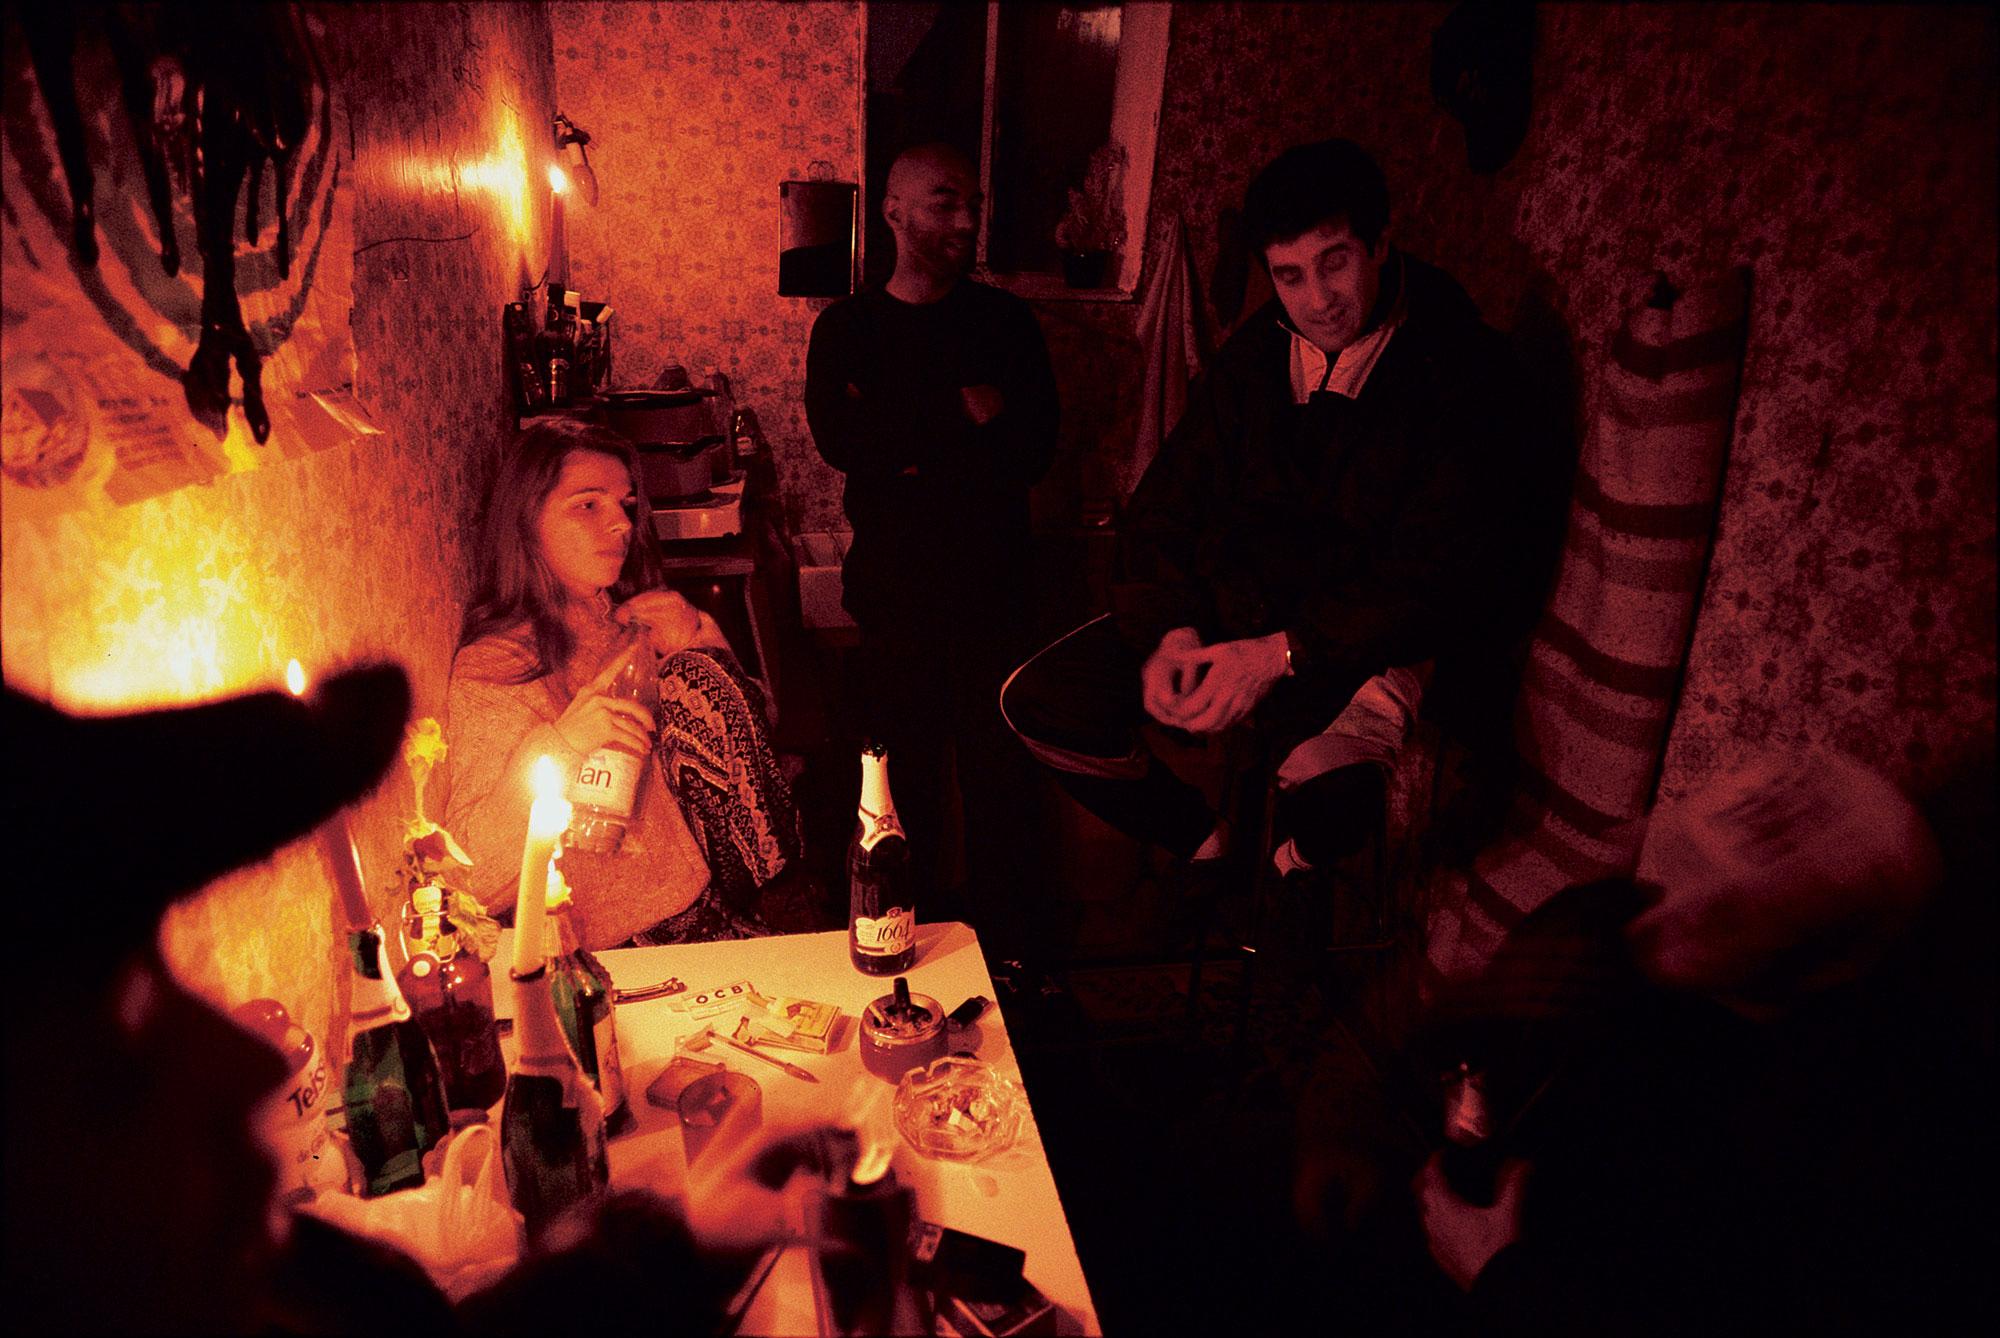 O serial killer ao fundo durante uma noite na ocupação de Saint-Sauveur, em abril de 1995. Foto: Vice.